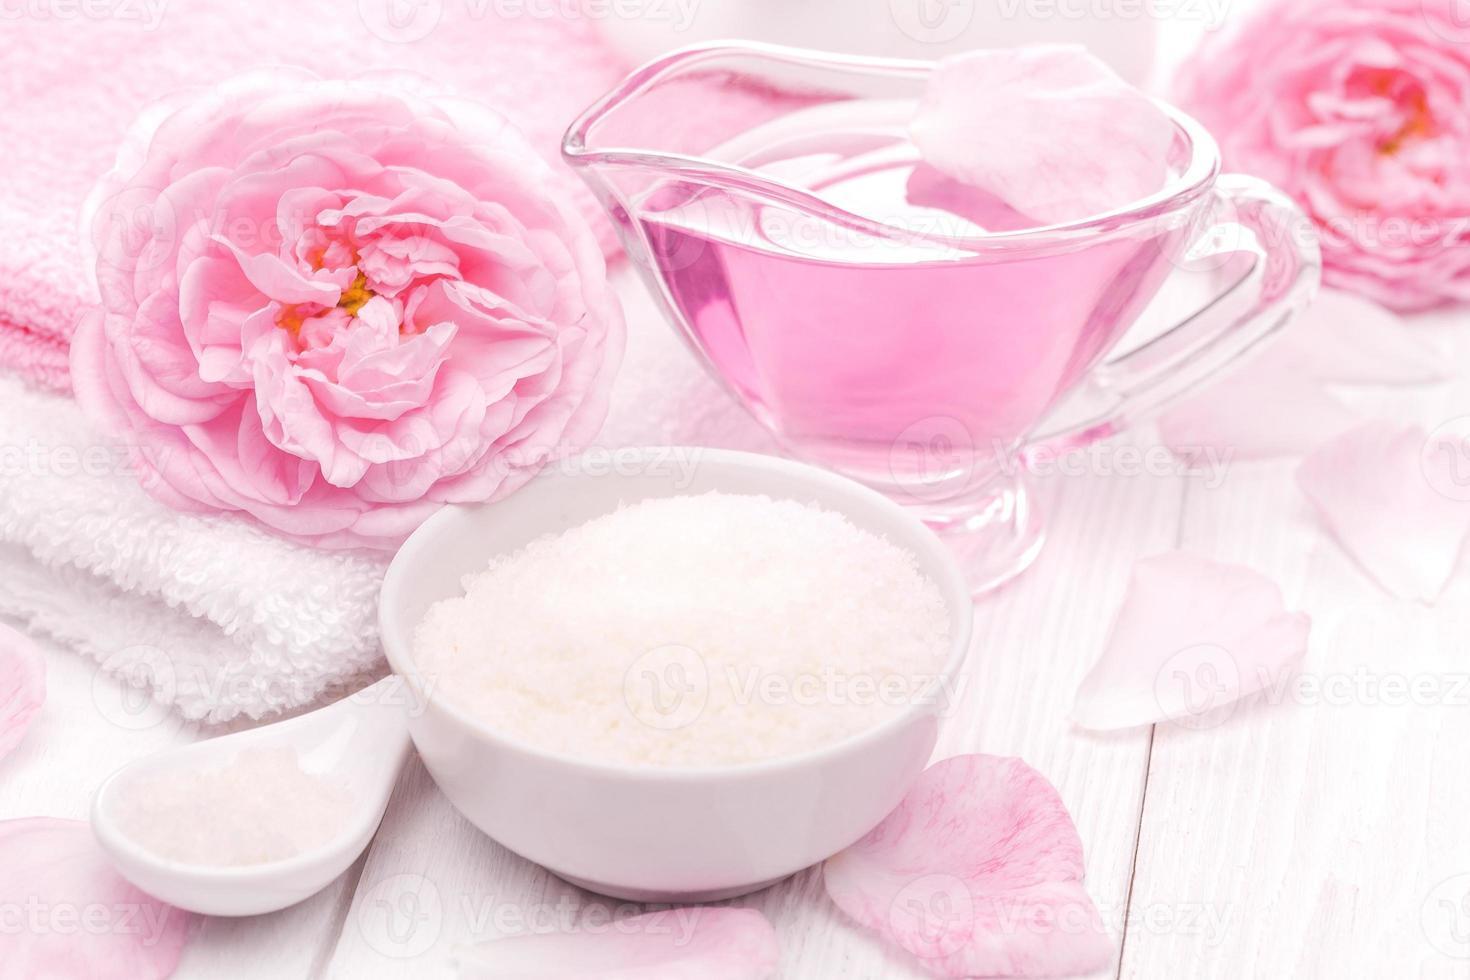 sel de mer et huiles essentielles, thé rose fleur de rose. spa photo